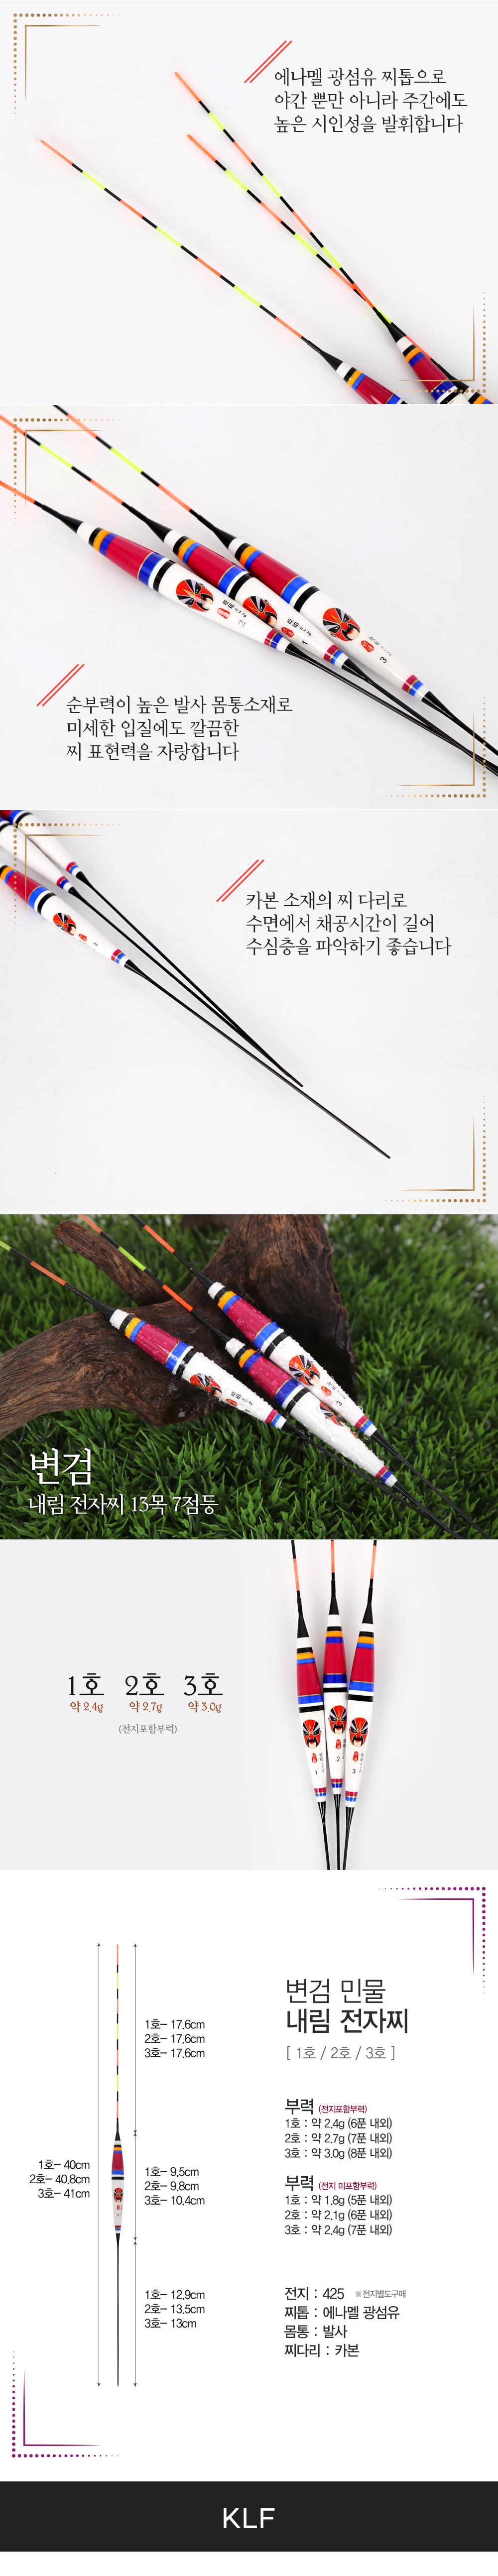 KLF 변검 민물 내림 전자찌 13목 7점등 주-야겸용